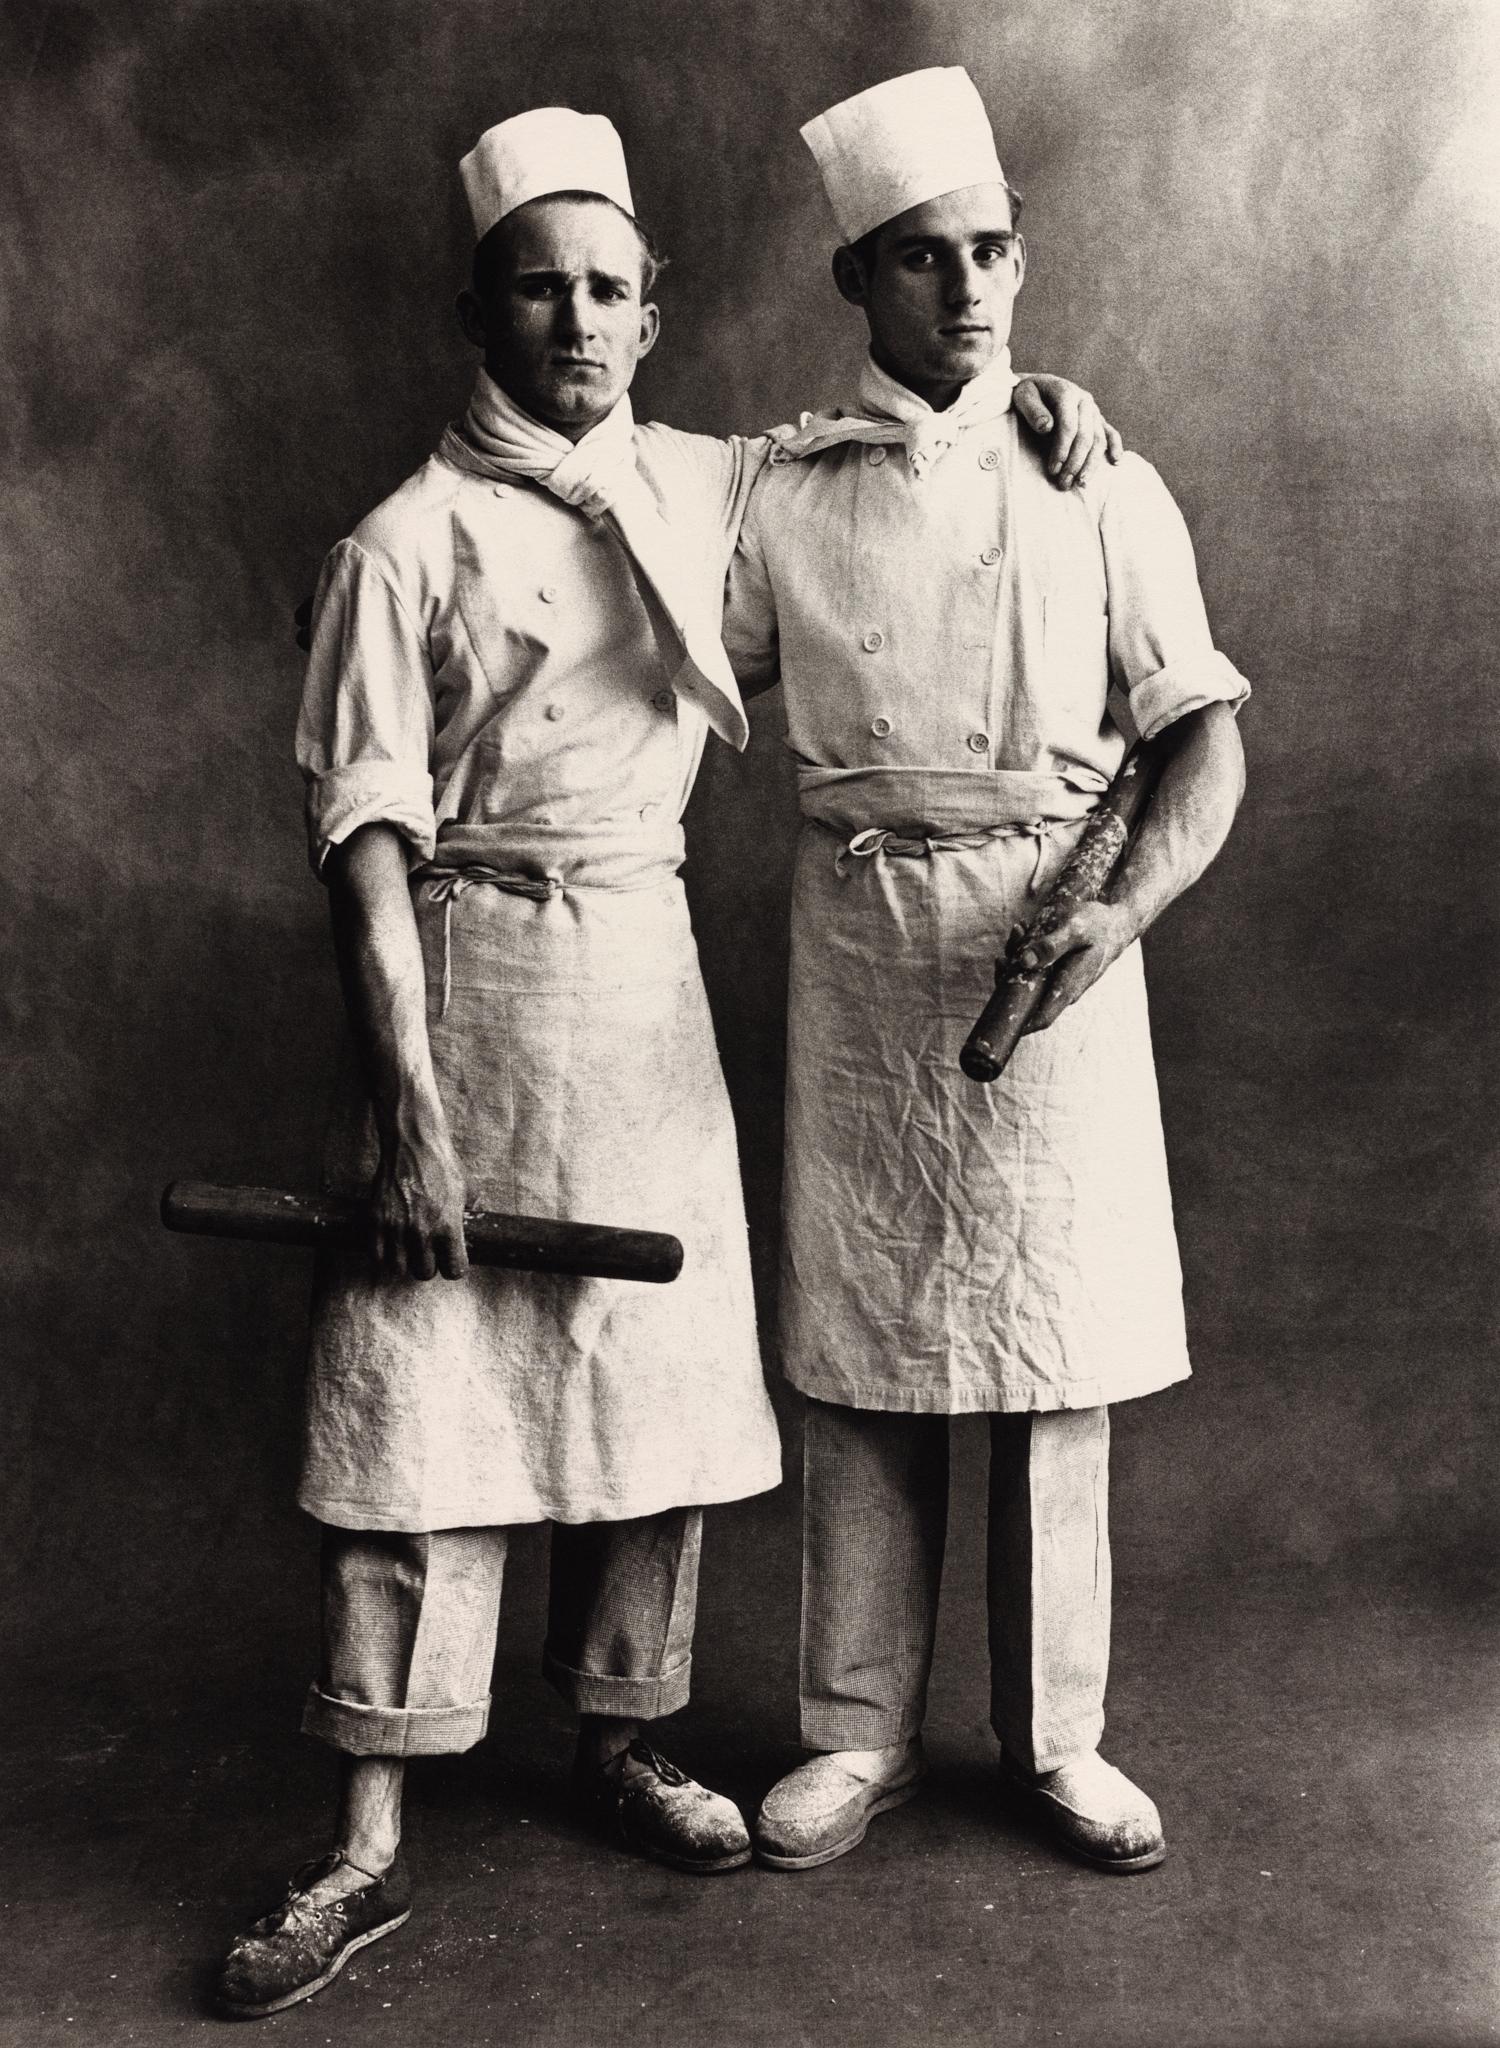 Pâtissiers , Paris, 1950 [Pastry Chefs] Gelatin silver print © Condé Nast (Fr.)